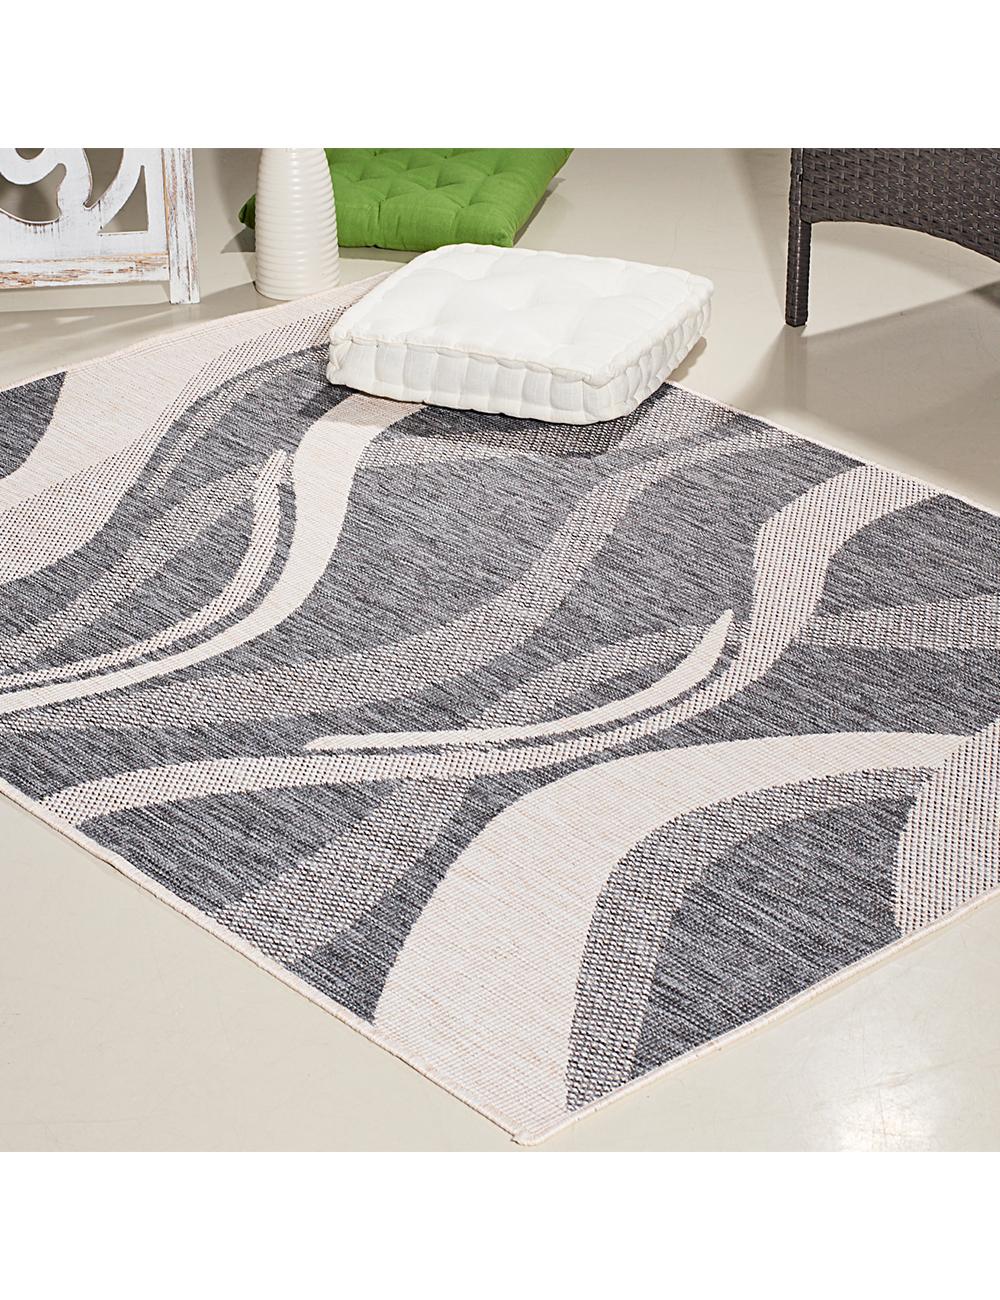 tapis wave r versible 160 x 230 cm. Black Bedroom Furniture Sets. Home Design Ideas